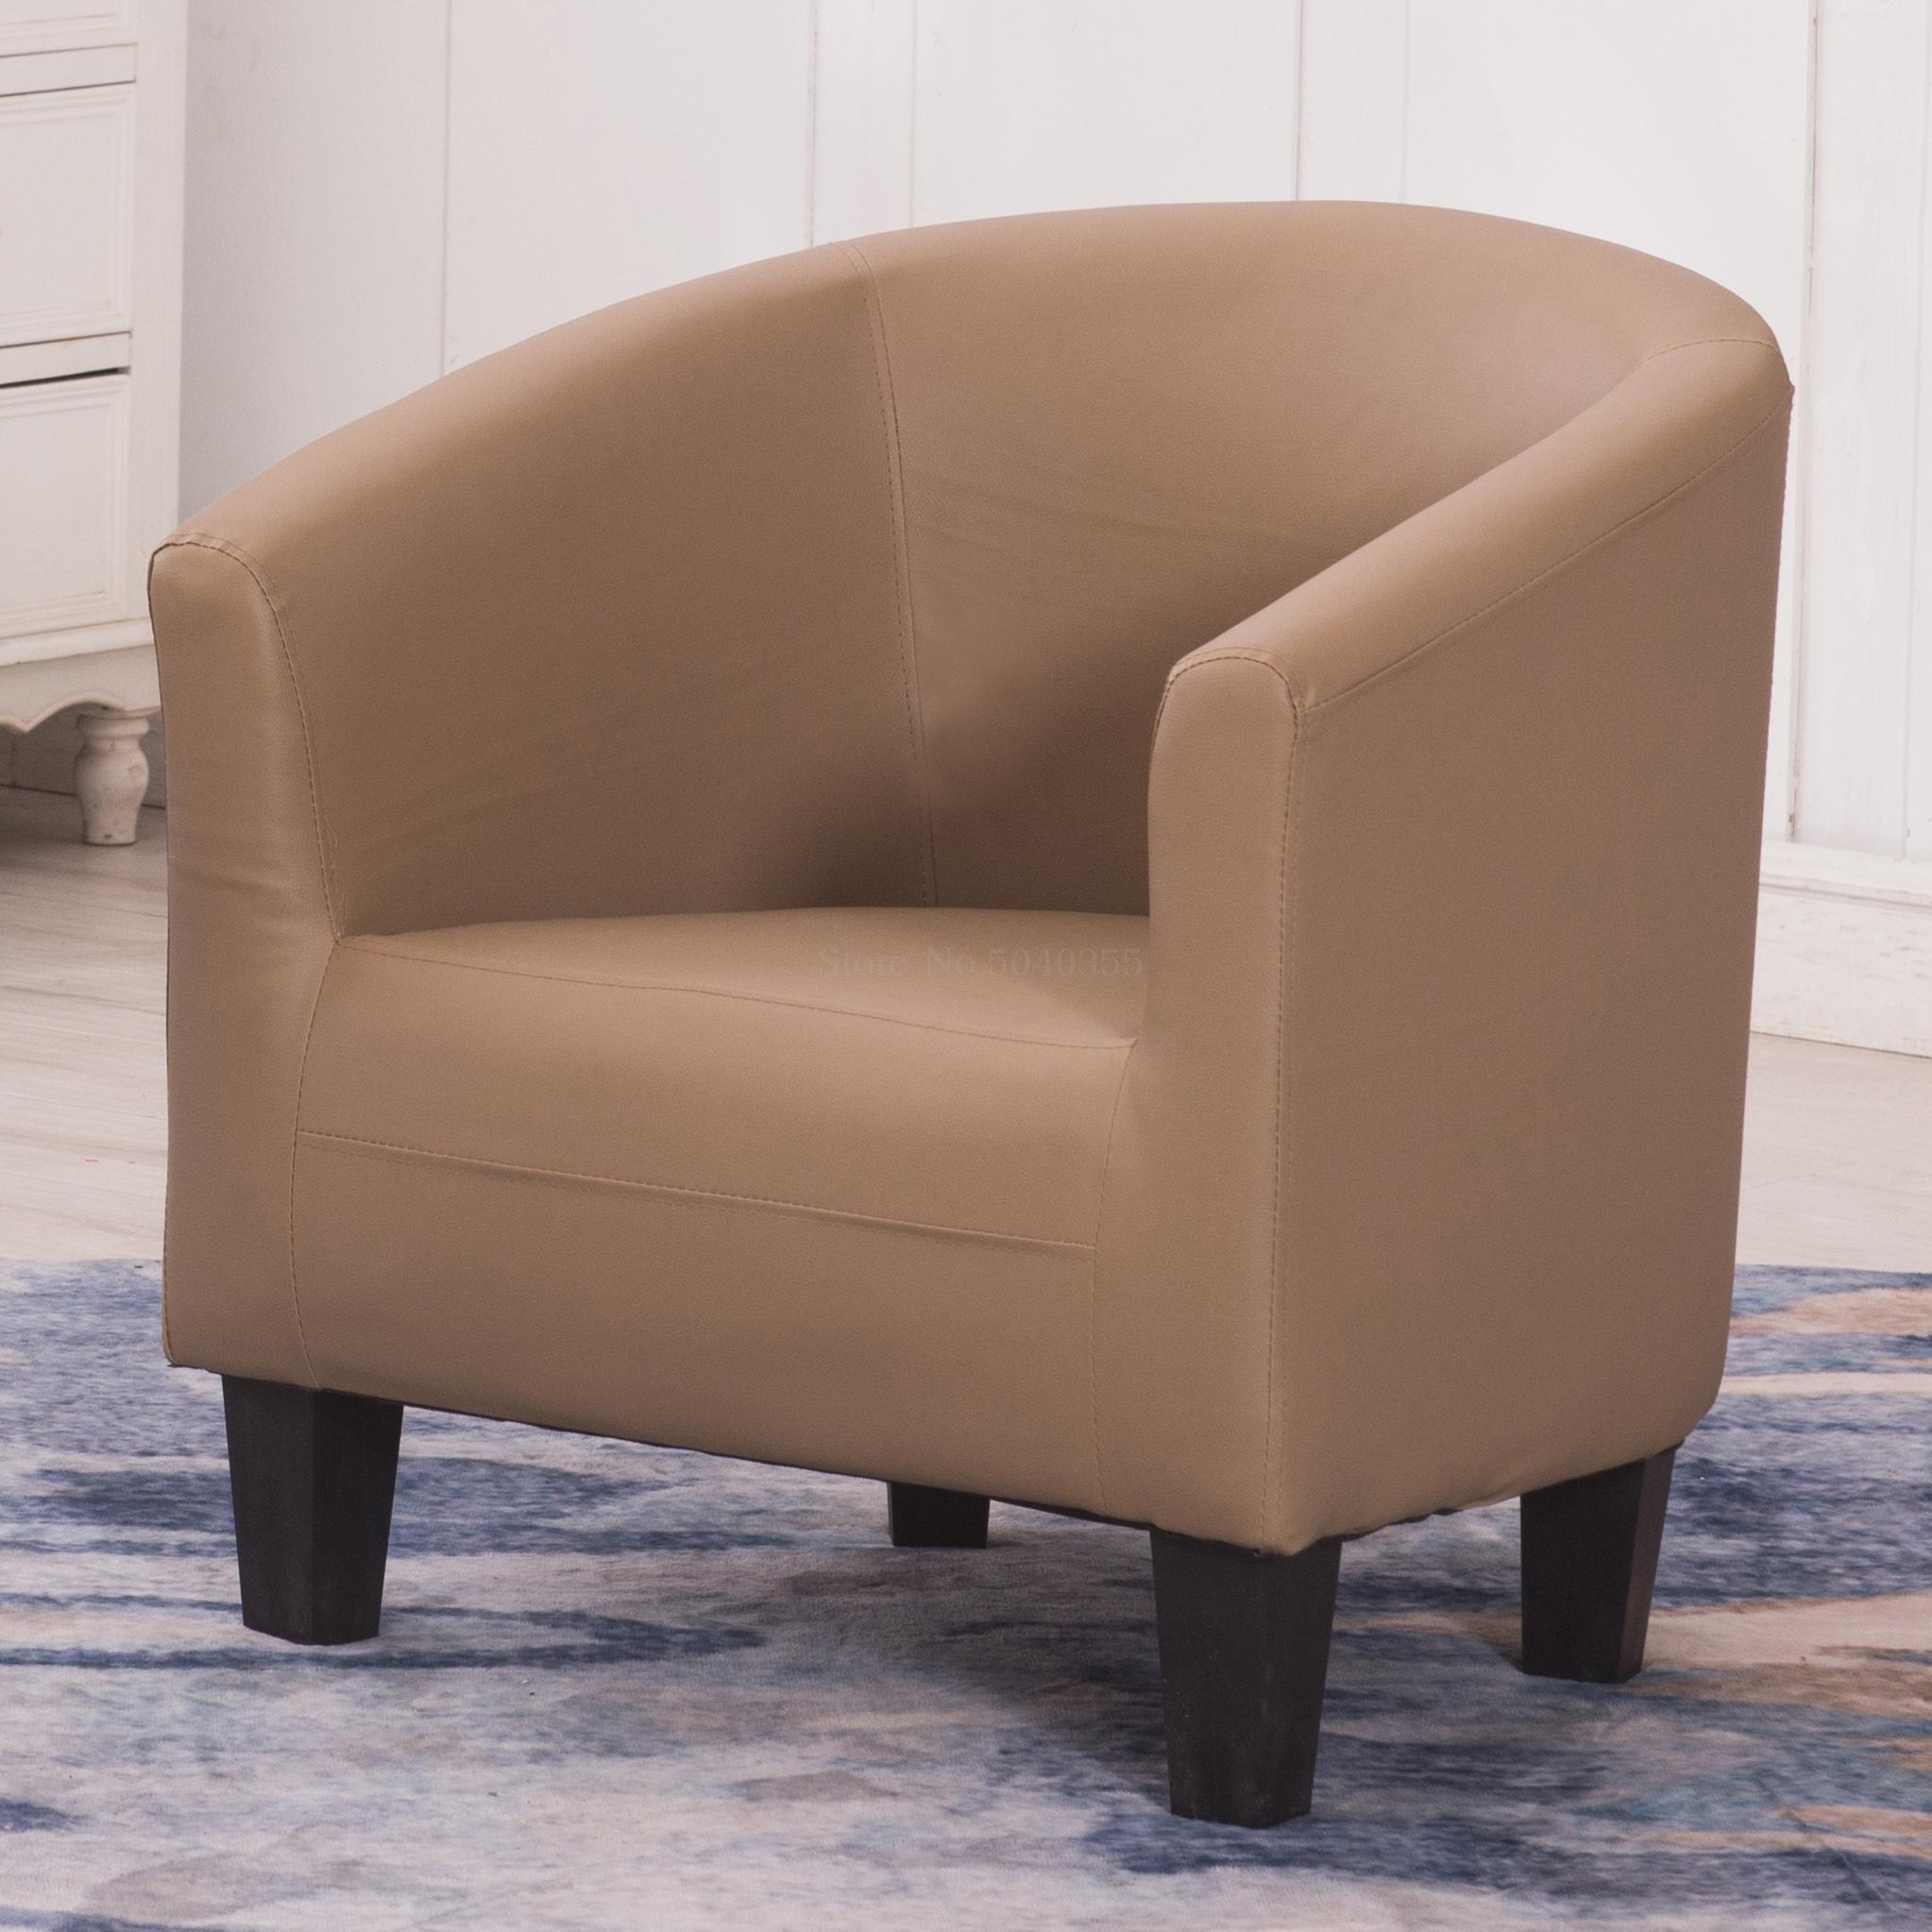 Европейский тканевая одноместная Софа стул интернет кафе кофе небольшой диван гостиничная комната кабинет компьютерный диван стул - Цвет: VIP 28